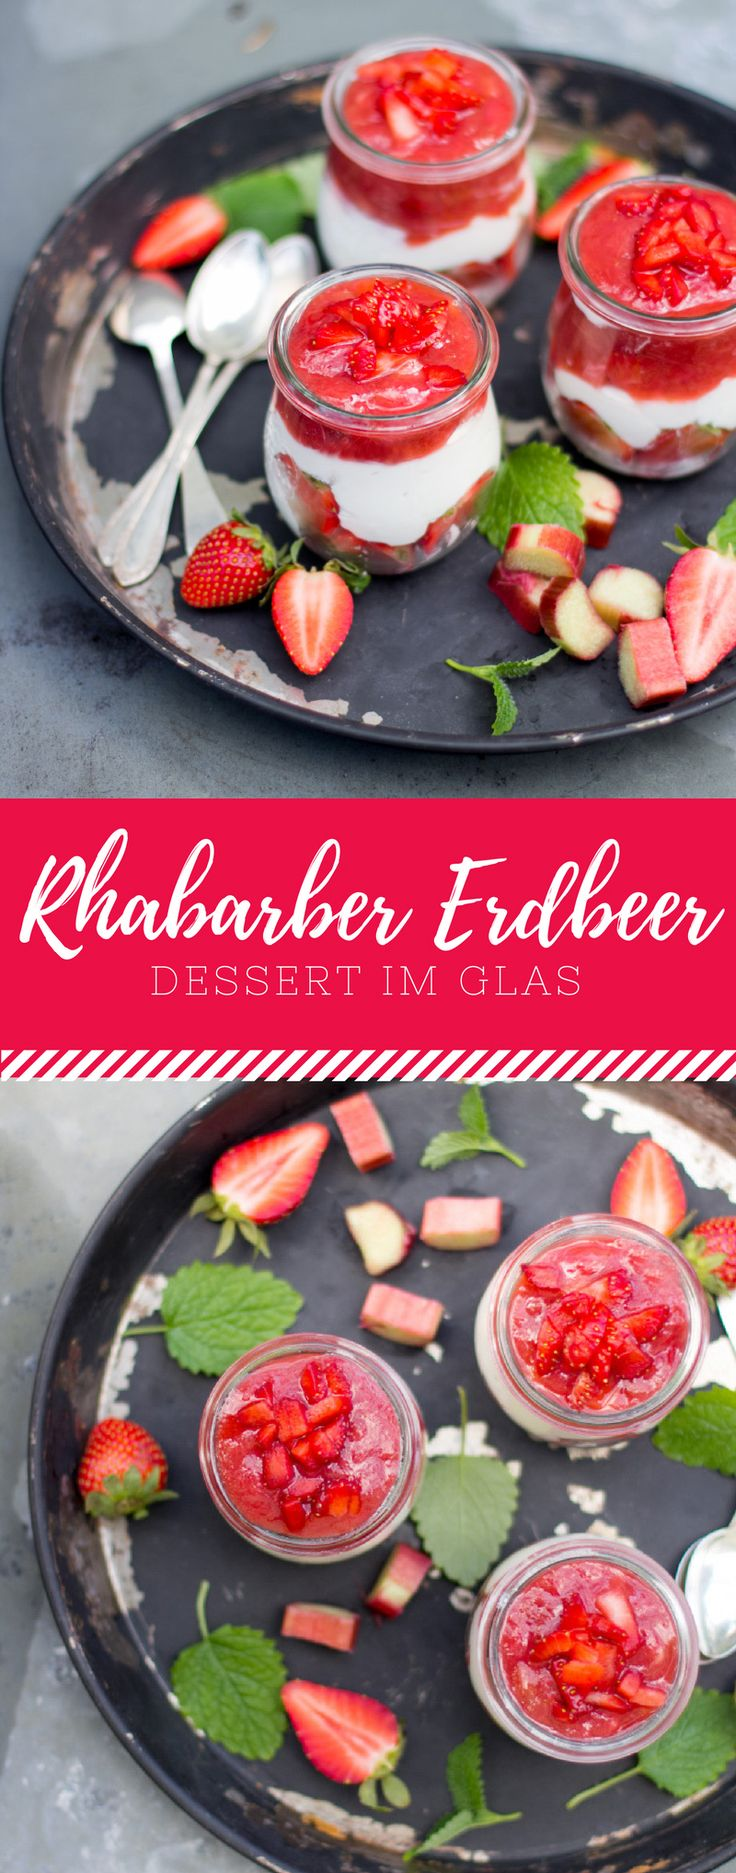 Rhabarber und Erdbeer ist DIE Kombination! Vereint in einem Schicht Dessert schmeckt es umso besser. Das Rezept für den Rhabarber Kompott und der Erdbeer Creme findest du auf meinem Blog.